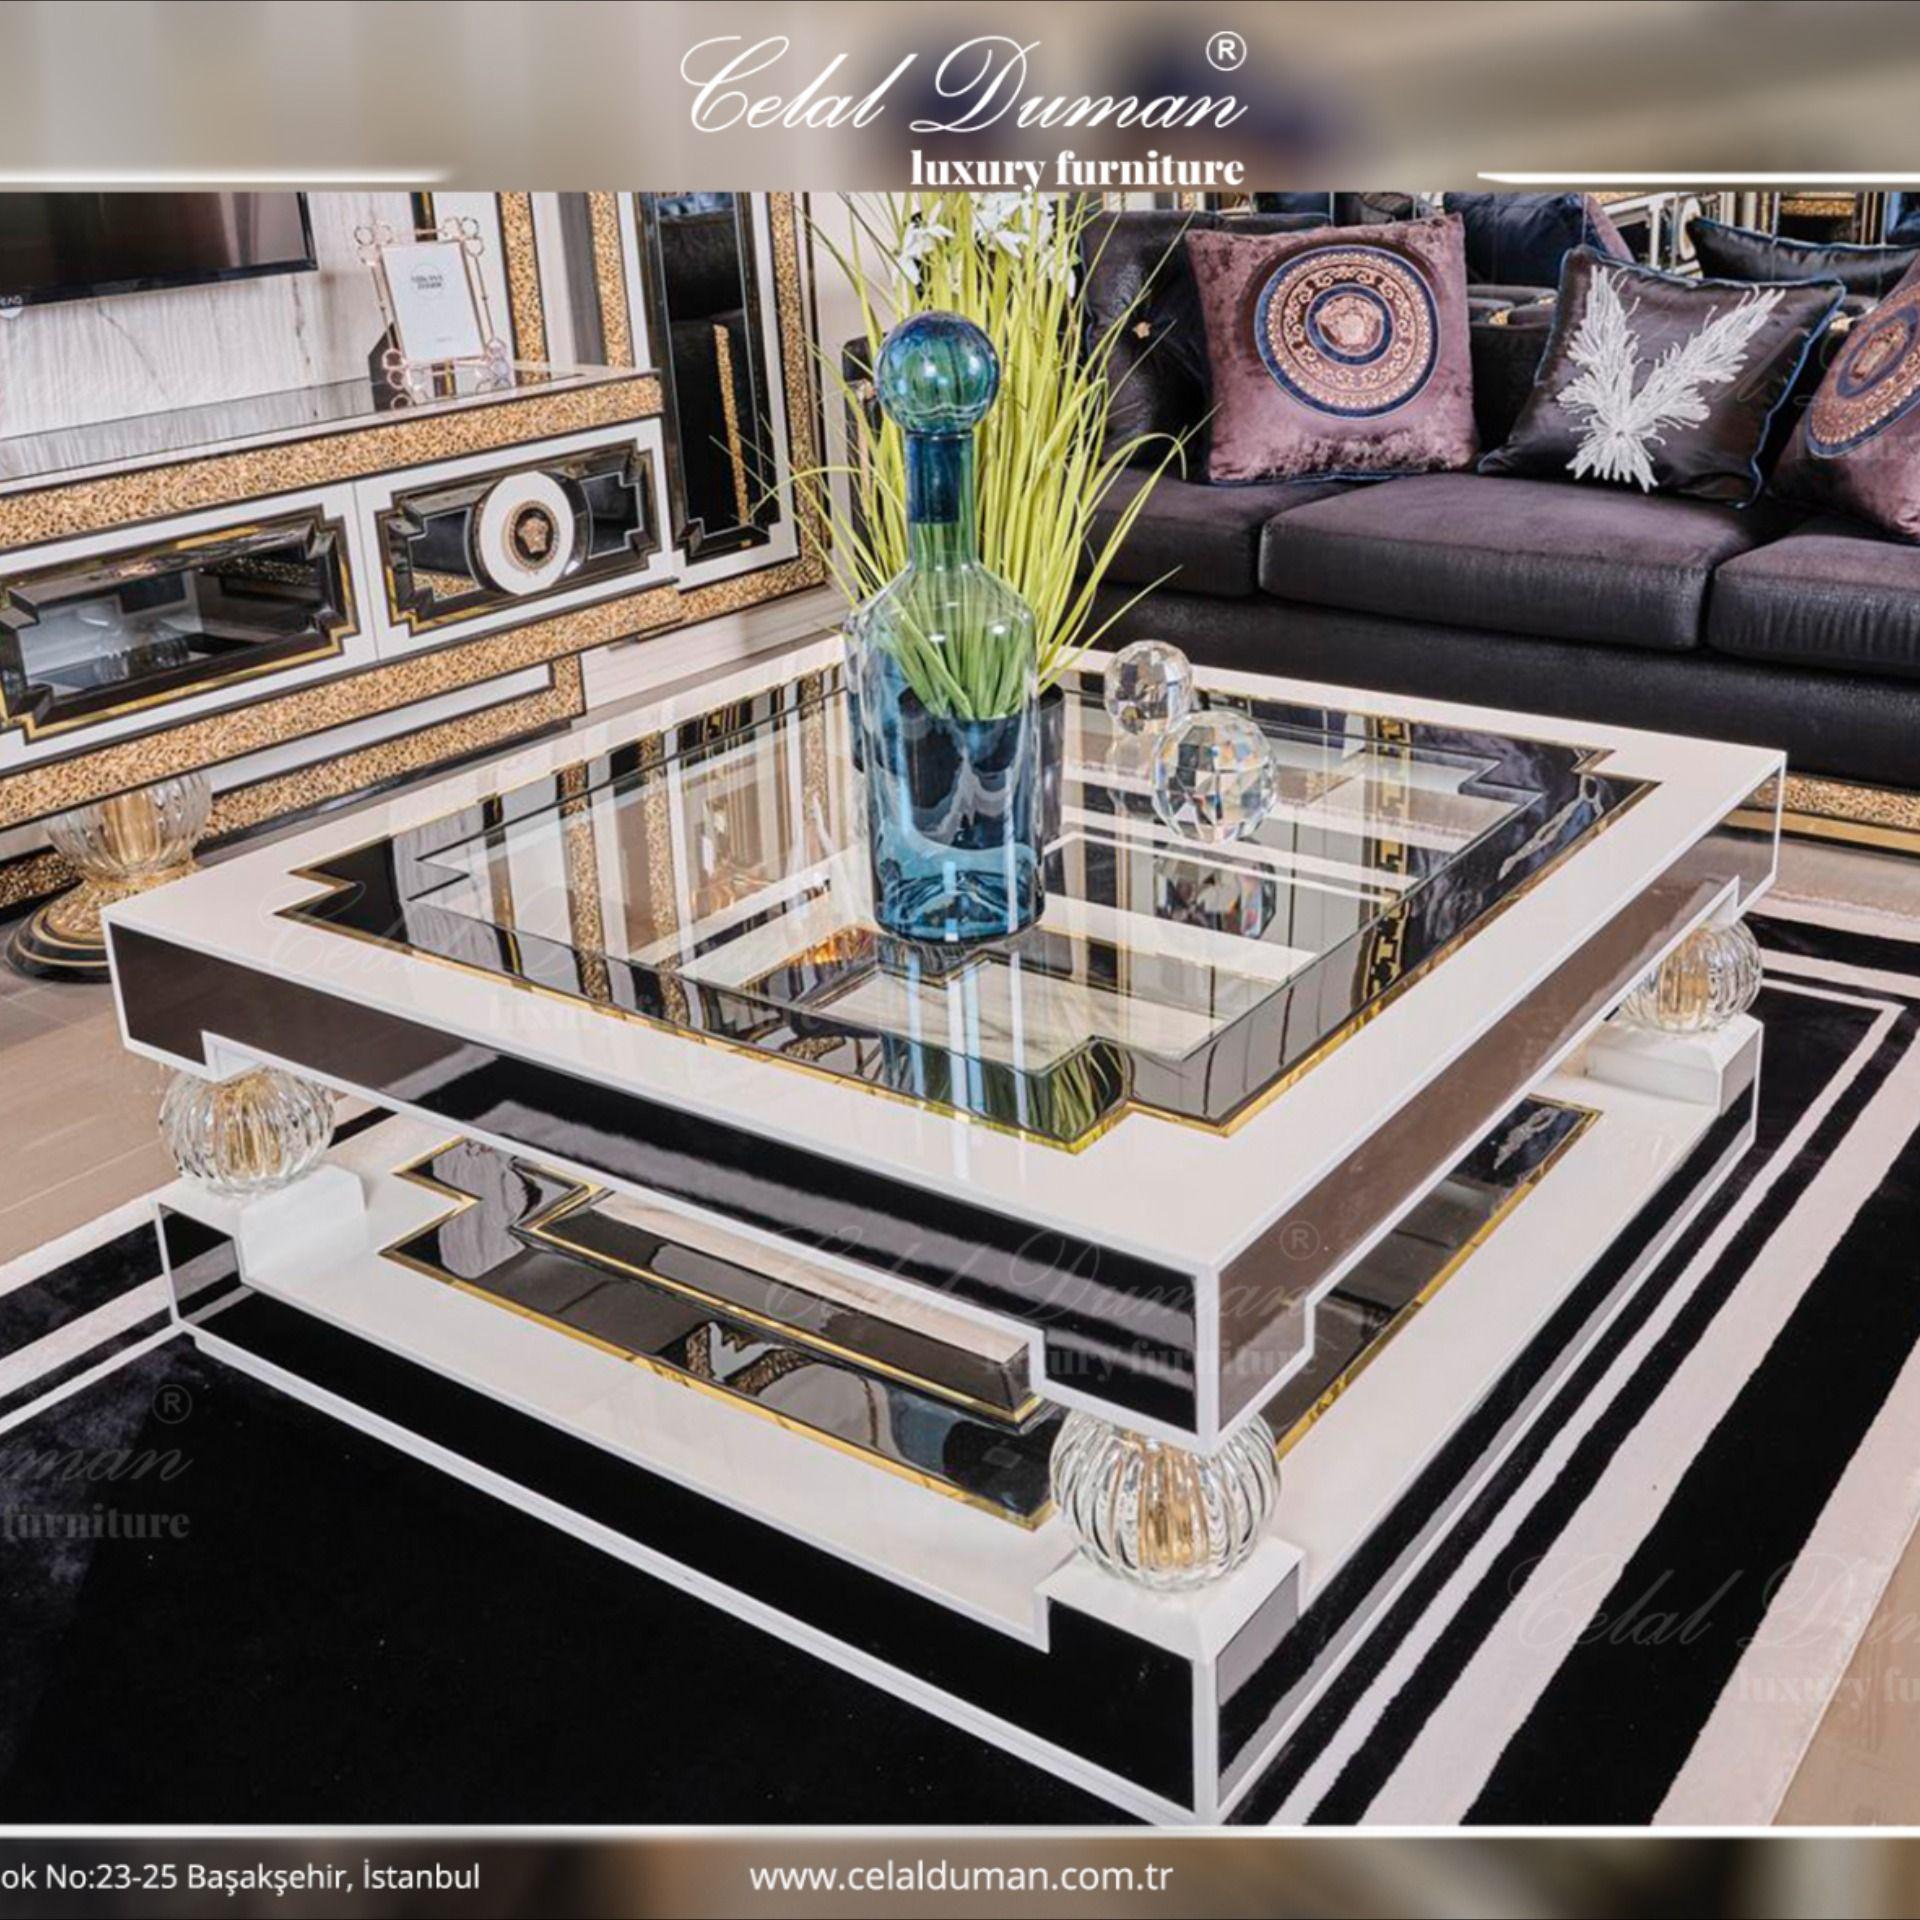 Cullinan; her yanıyla hayran bırakan eşsiz bir tasarım. . . . #celalduman #celaldumanmobilya #mobilya #masko #koltuktakımı #yemekodası #maskomobilyakenti #evdekorasyon #dekorasyonfikirleri #mobilyadekorasyon #luxuryfurniture #modernfurniture #furniture #decor #ofisdekorasyon #evdekor #projects #köşekoltuk #tvunited #design #yemekodası #yatakodası #interiordesign